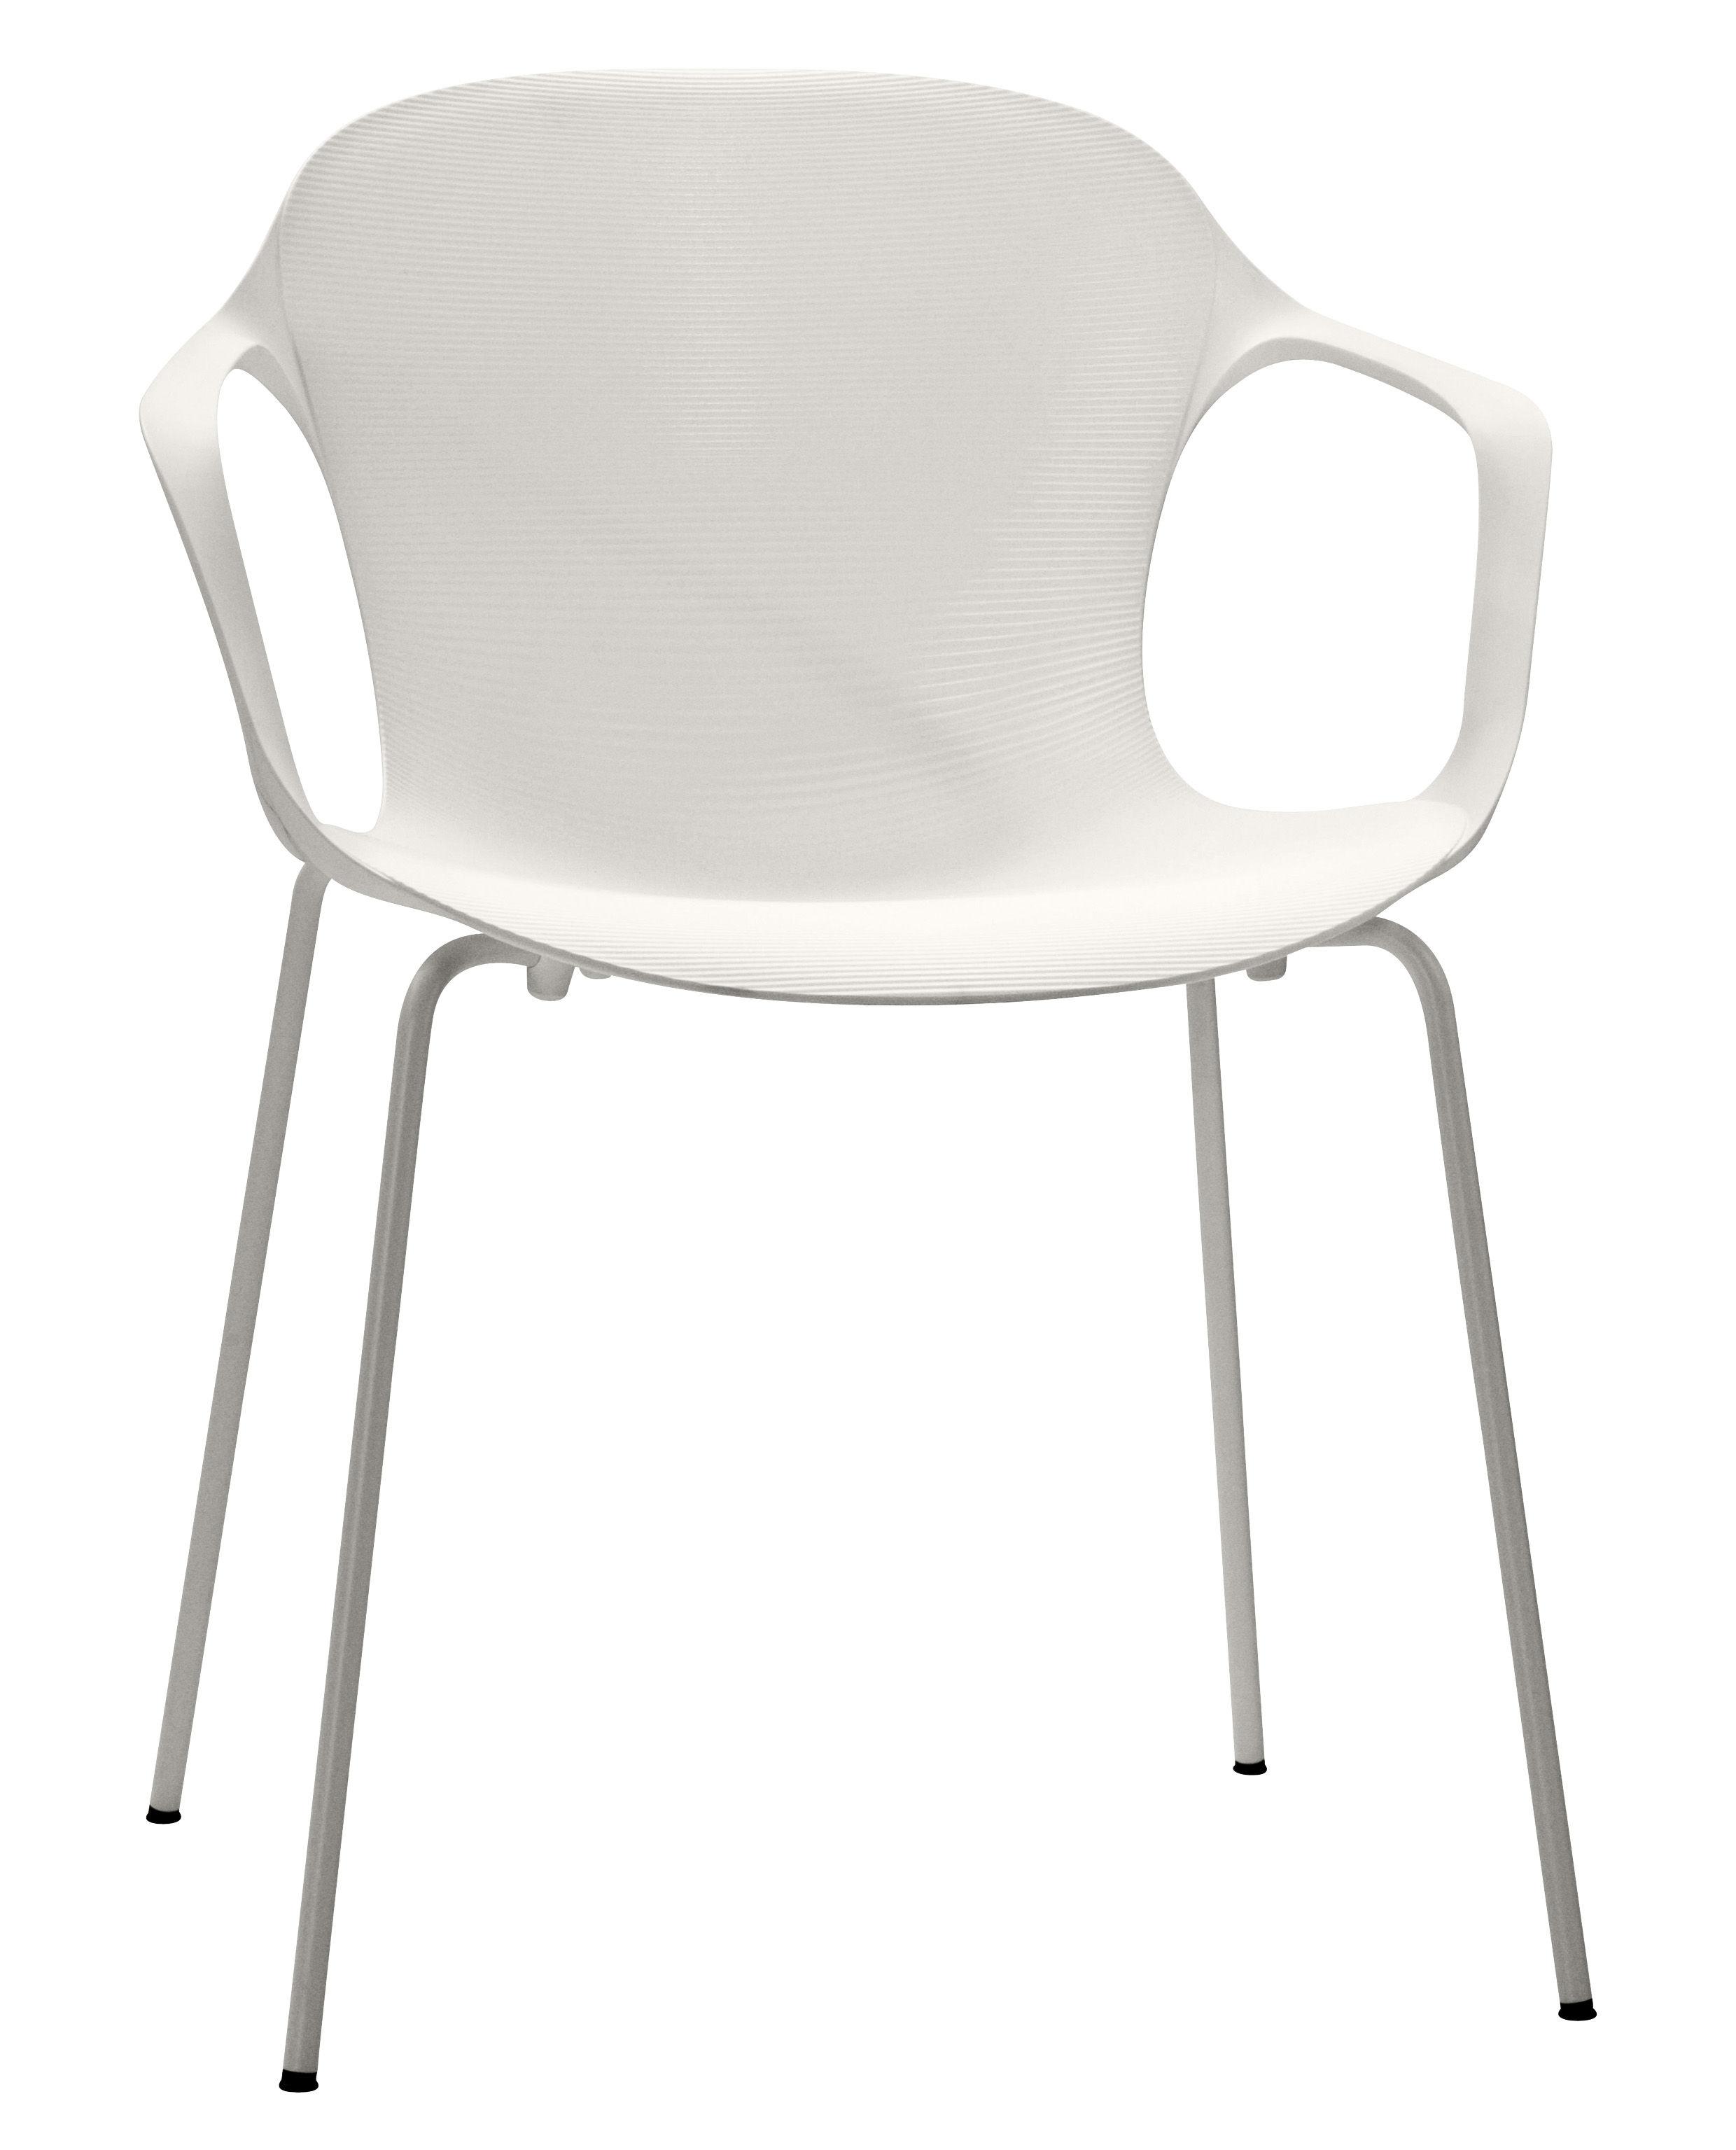 Möbel - Stühle  - Nap Stapelbarer Sessel - Fritz Hansen - Weiß - lackierter Stahl, Polyamid